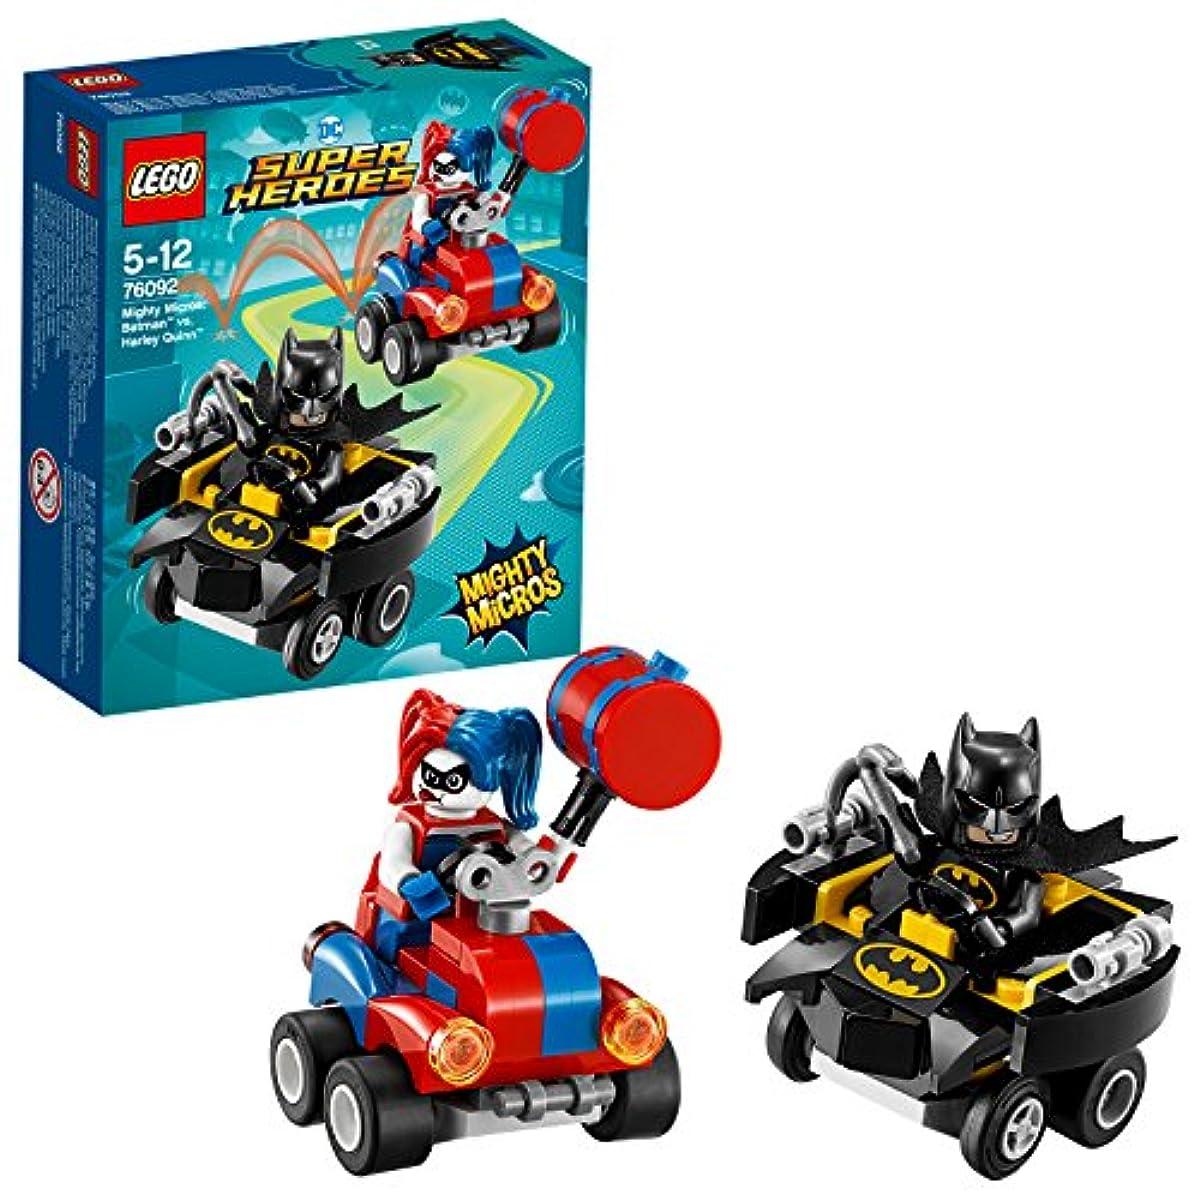 [해외] 레고(LEGO) 슈퍼히어로즈 마이 T 마이크로 포스 : 배트맨 VS.할리퀸 76092